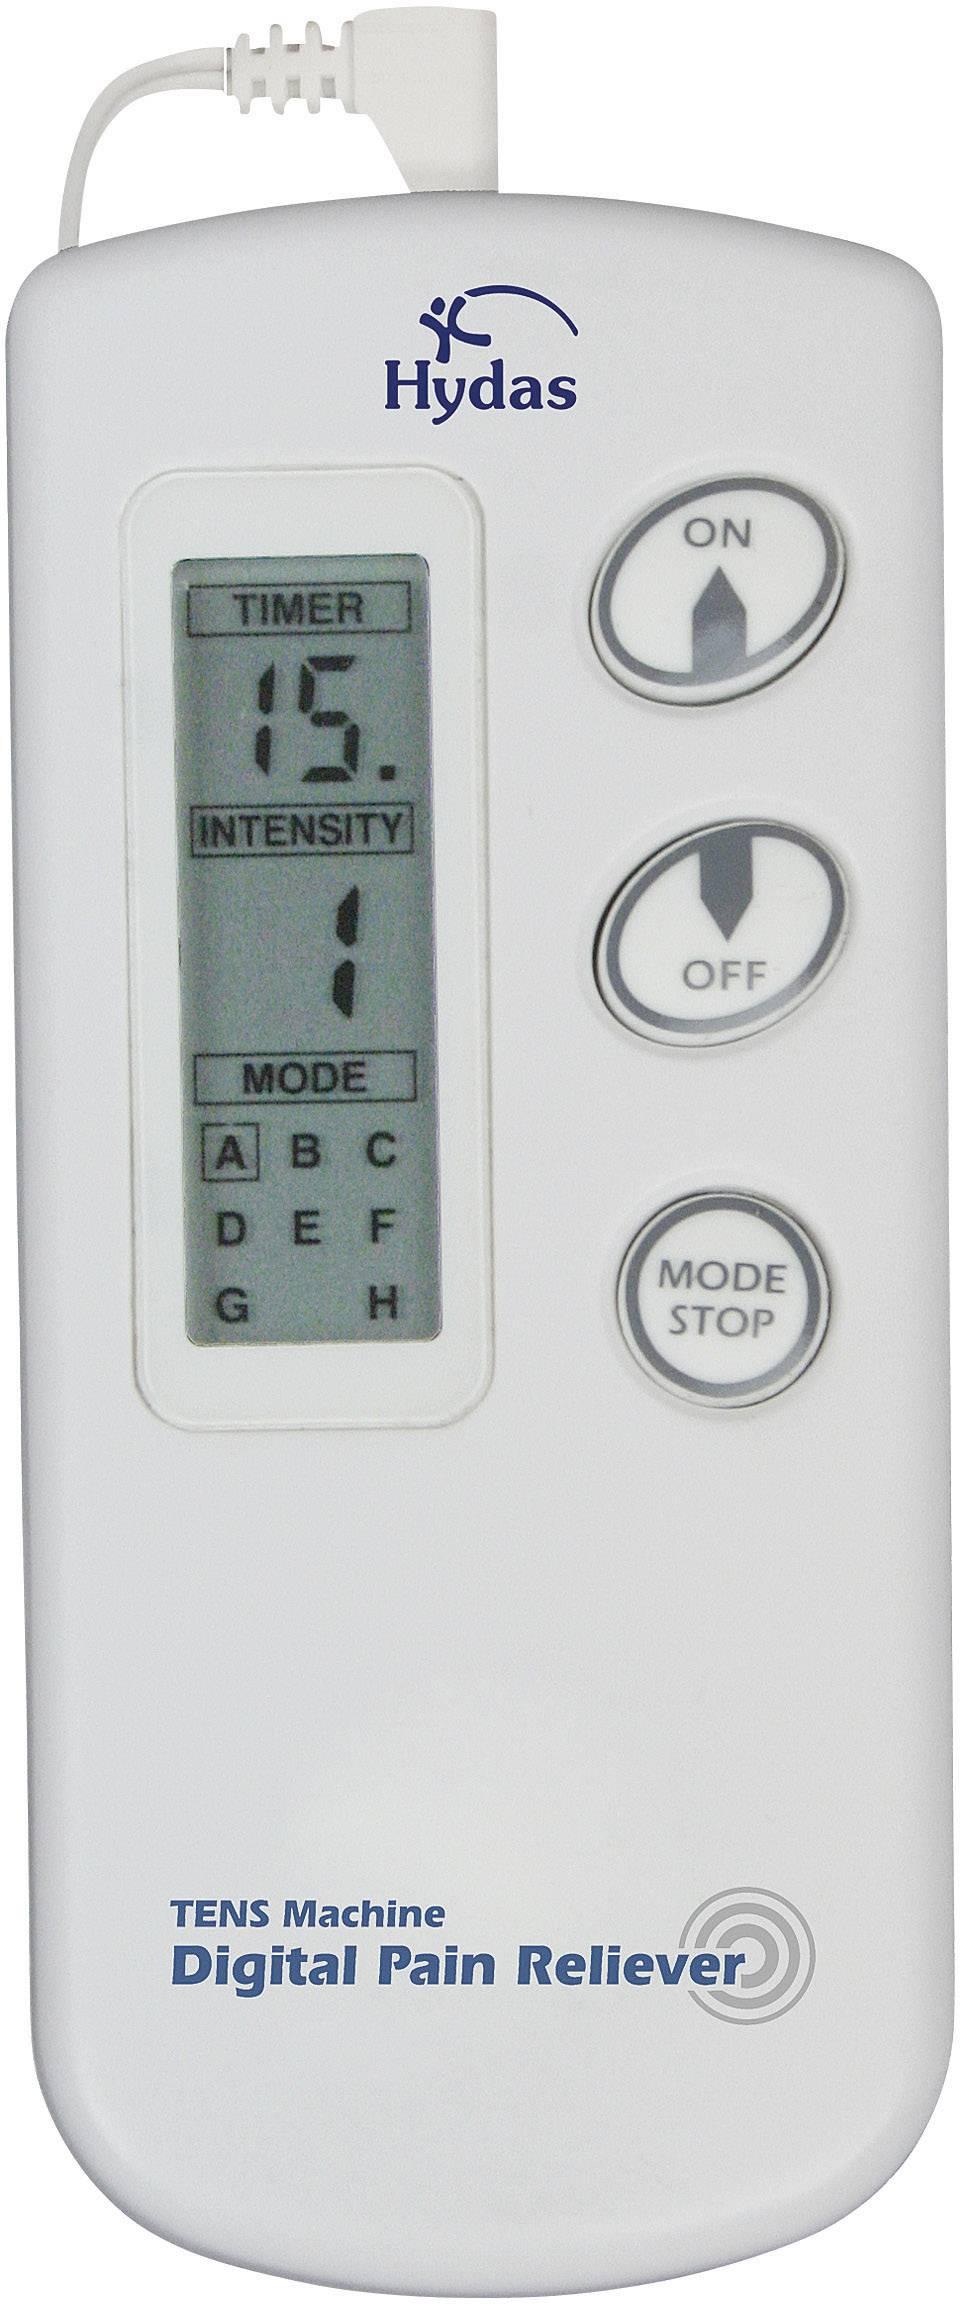 Elektrostimulační zařízení Hydas AD 2011 Easy Free T.E.N.S